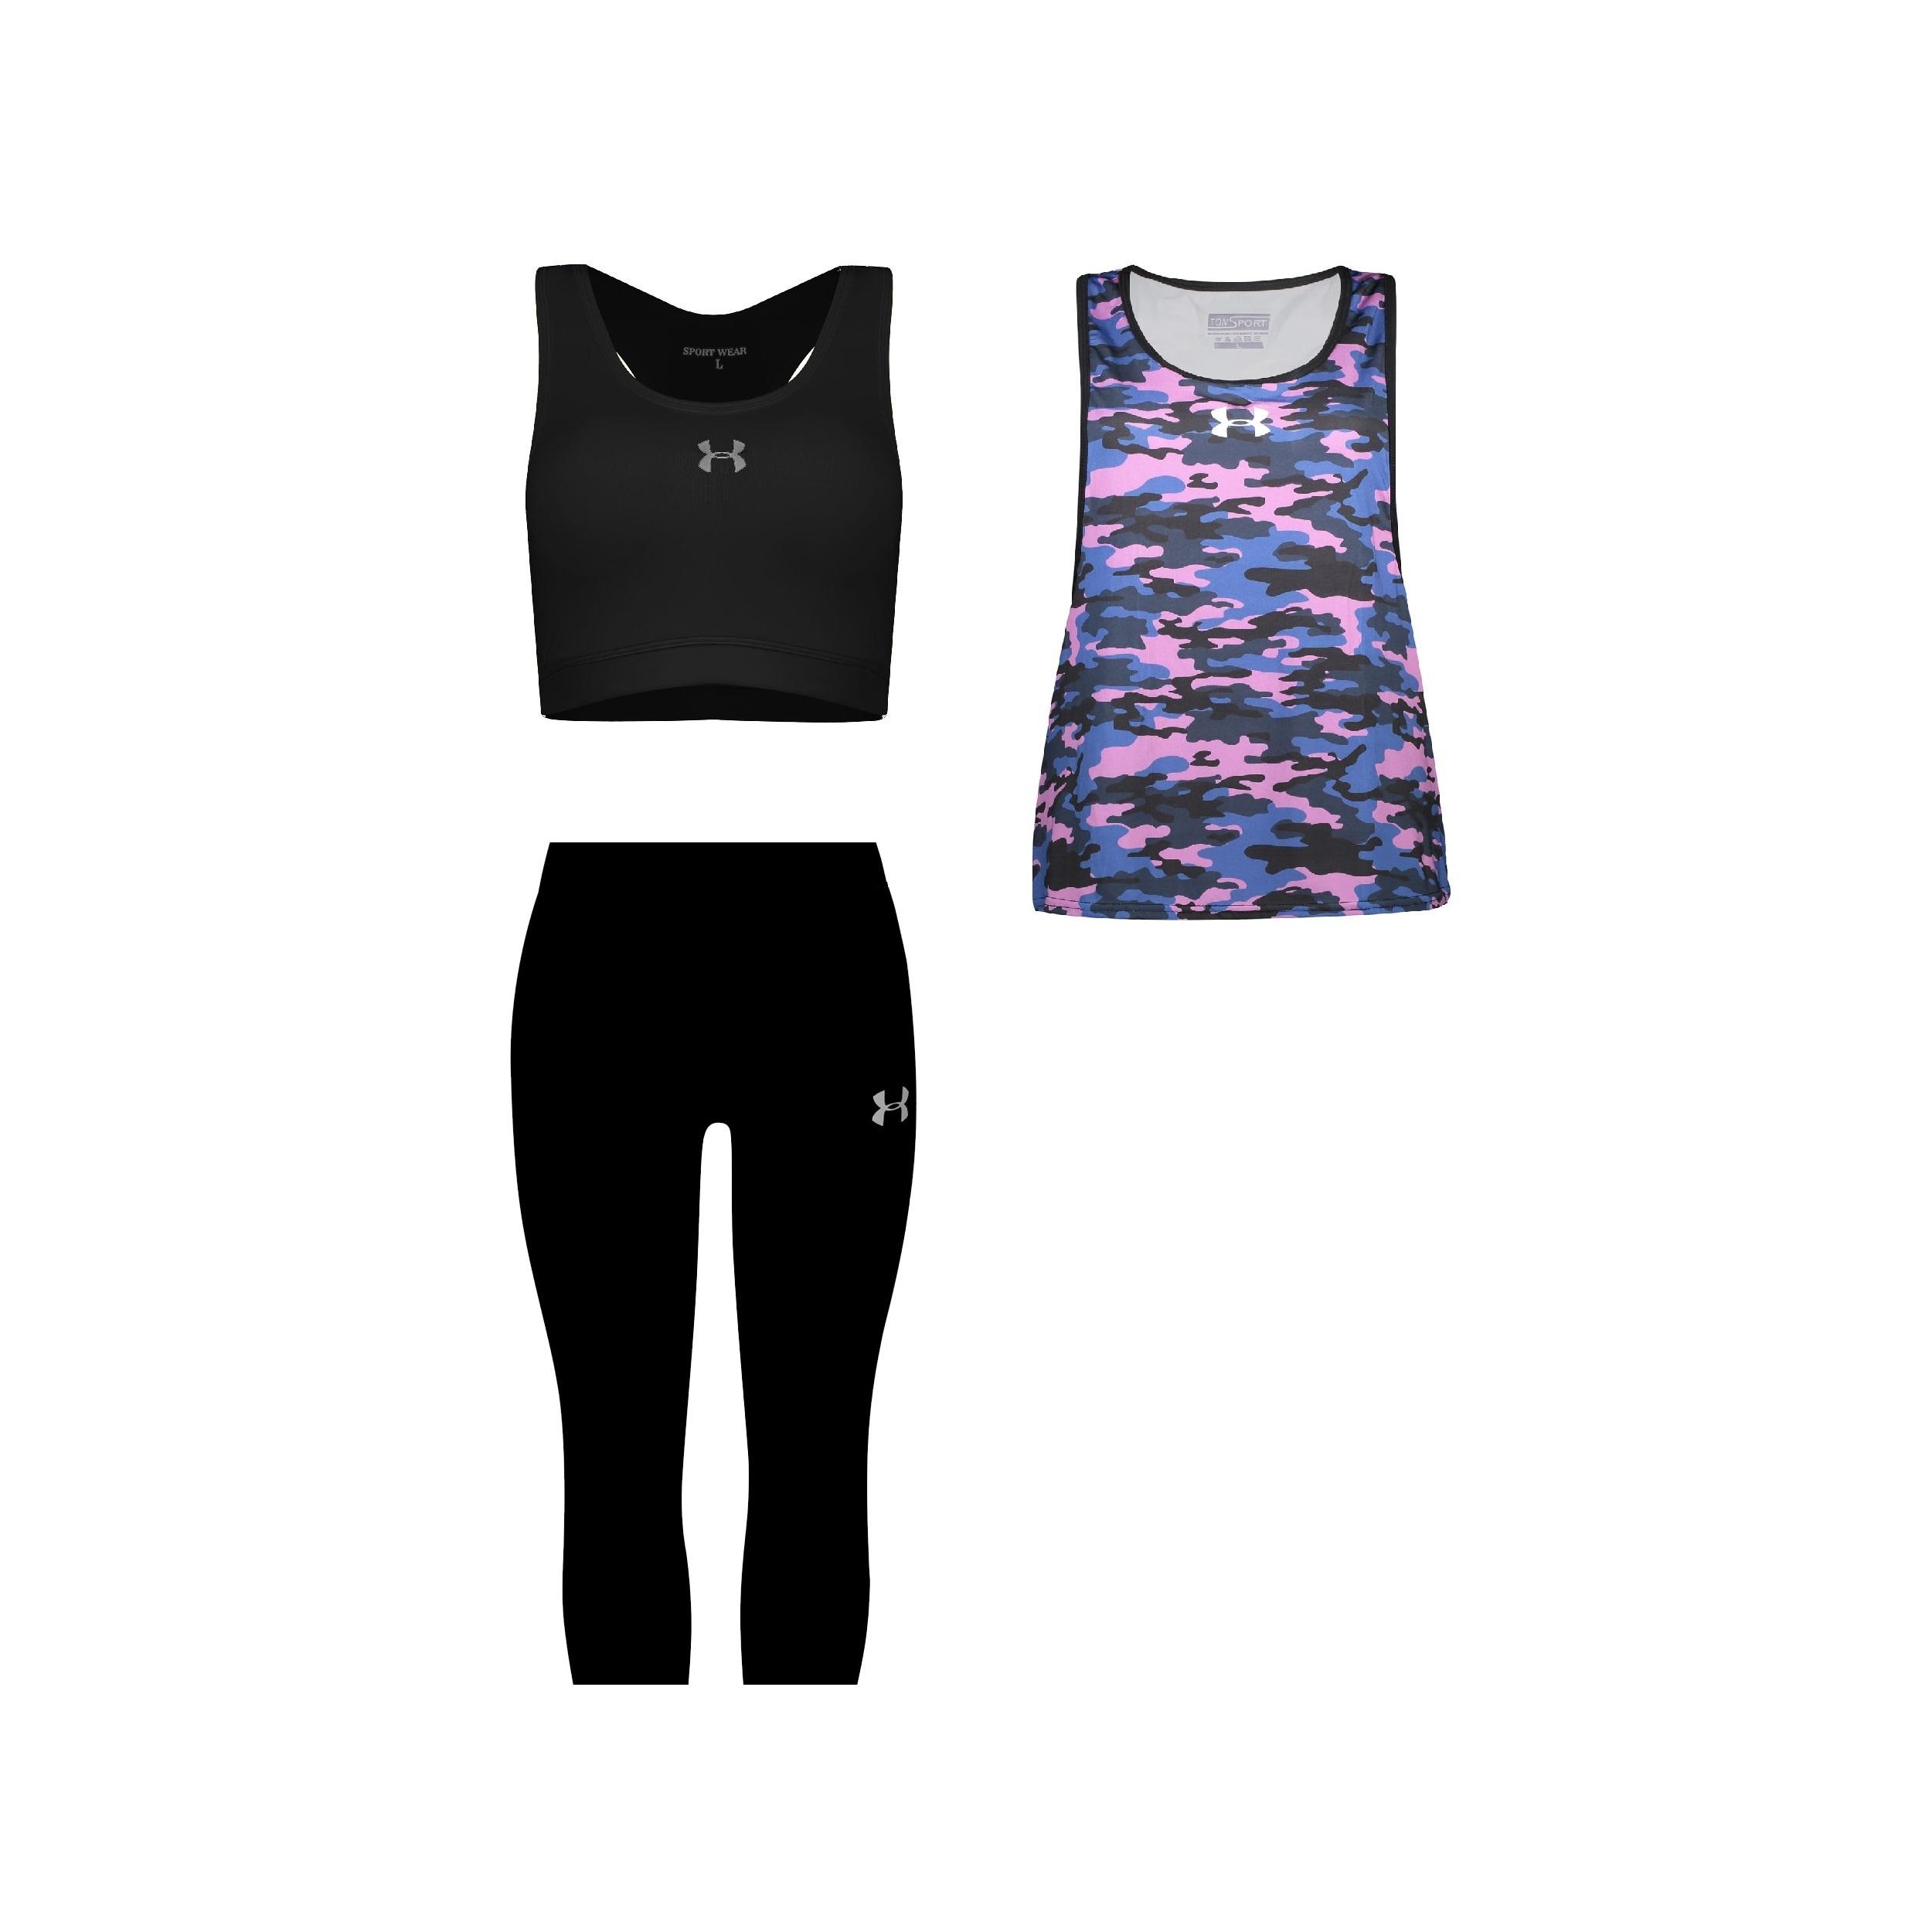 ست 3 تکه لباس ورزشی زنانه کد 580104